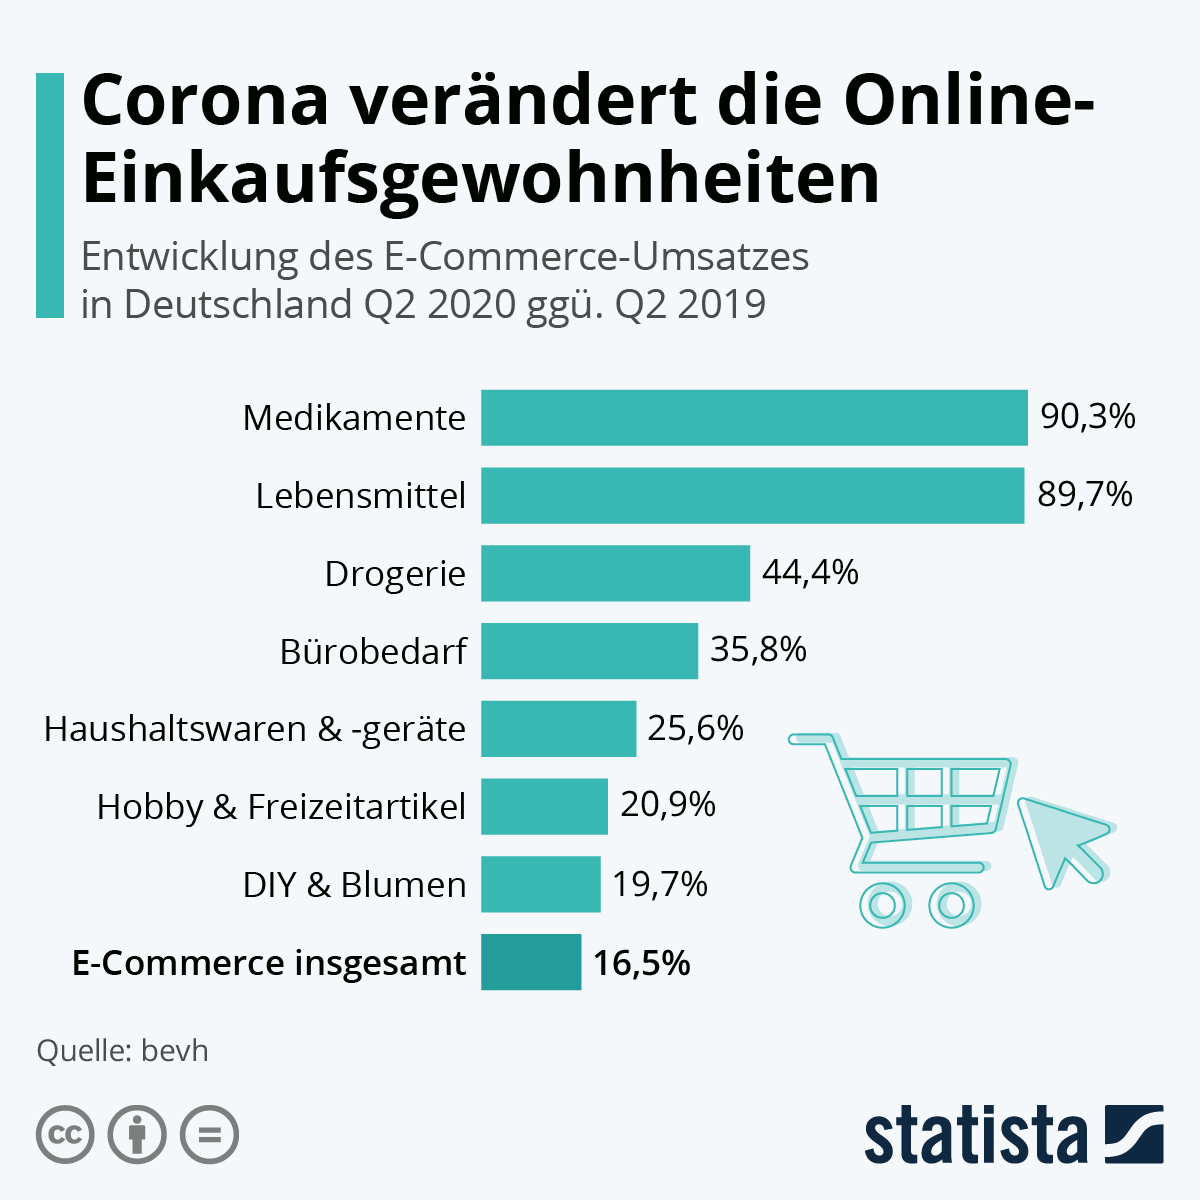 Infografik: Corona verändert die Online-Einkaufsgewohnheiten | Statista